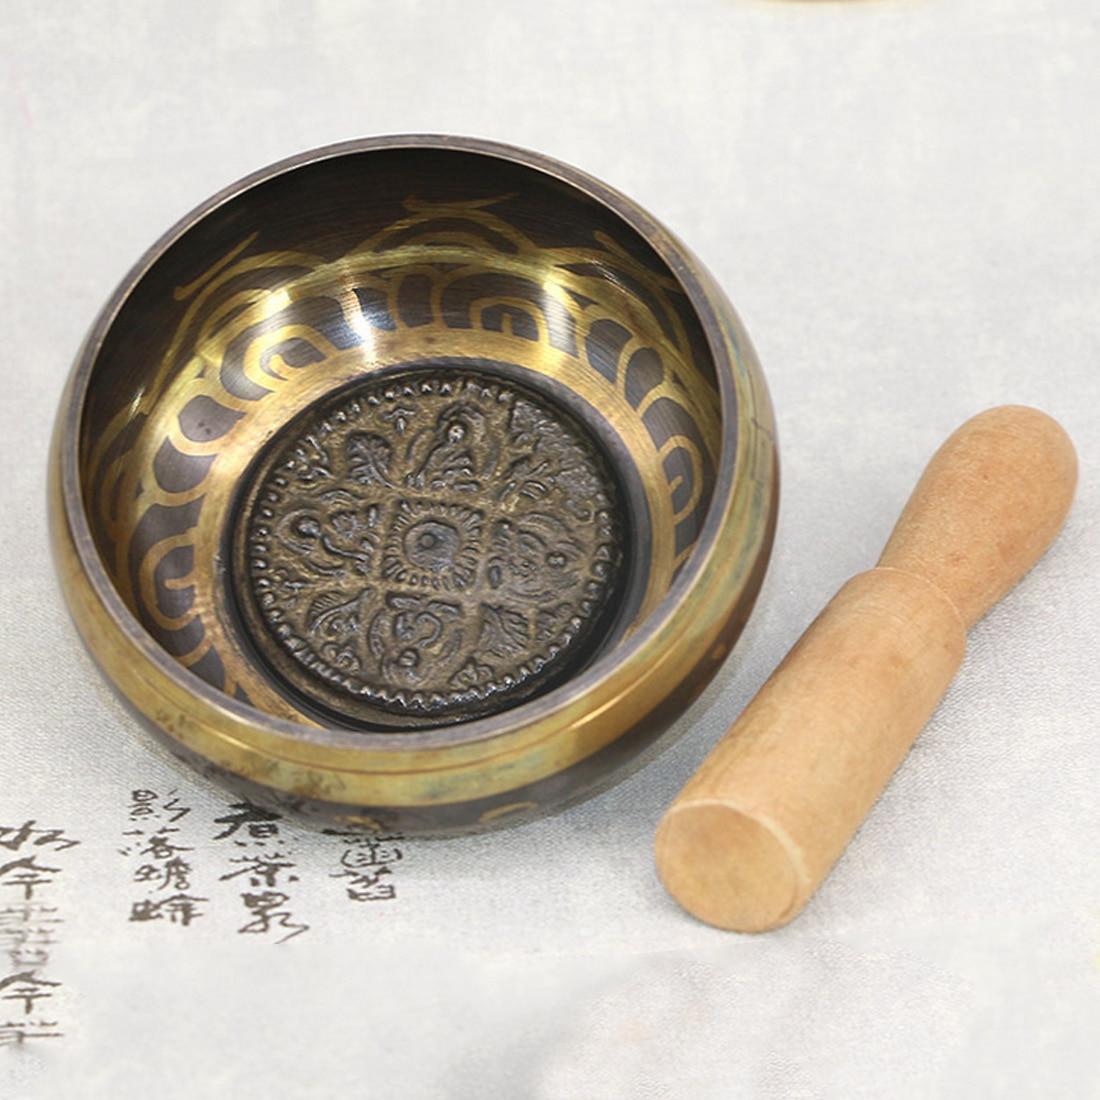 Tibetan Bowl Singing Bowl Decorative wall dishes Home Decoration Decorative Wall Dishes Tibetan Singing Bowl 1PC tibetan bowls singing bowls bowl singing bowl tibetan - title=